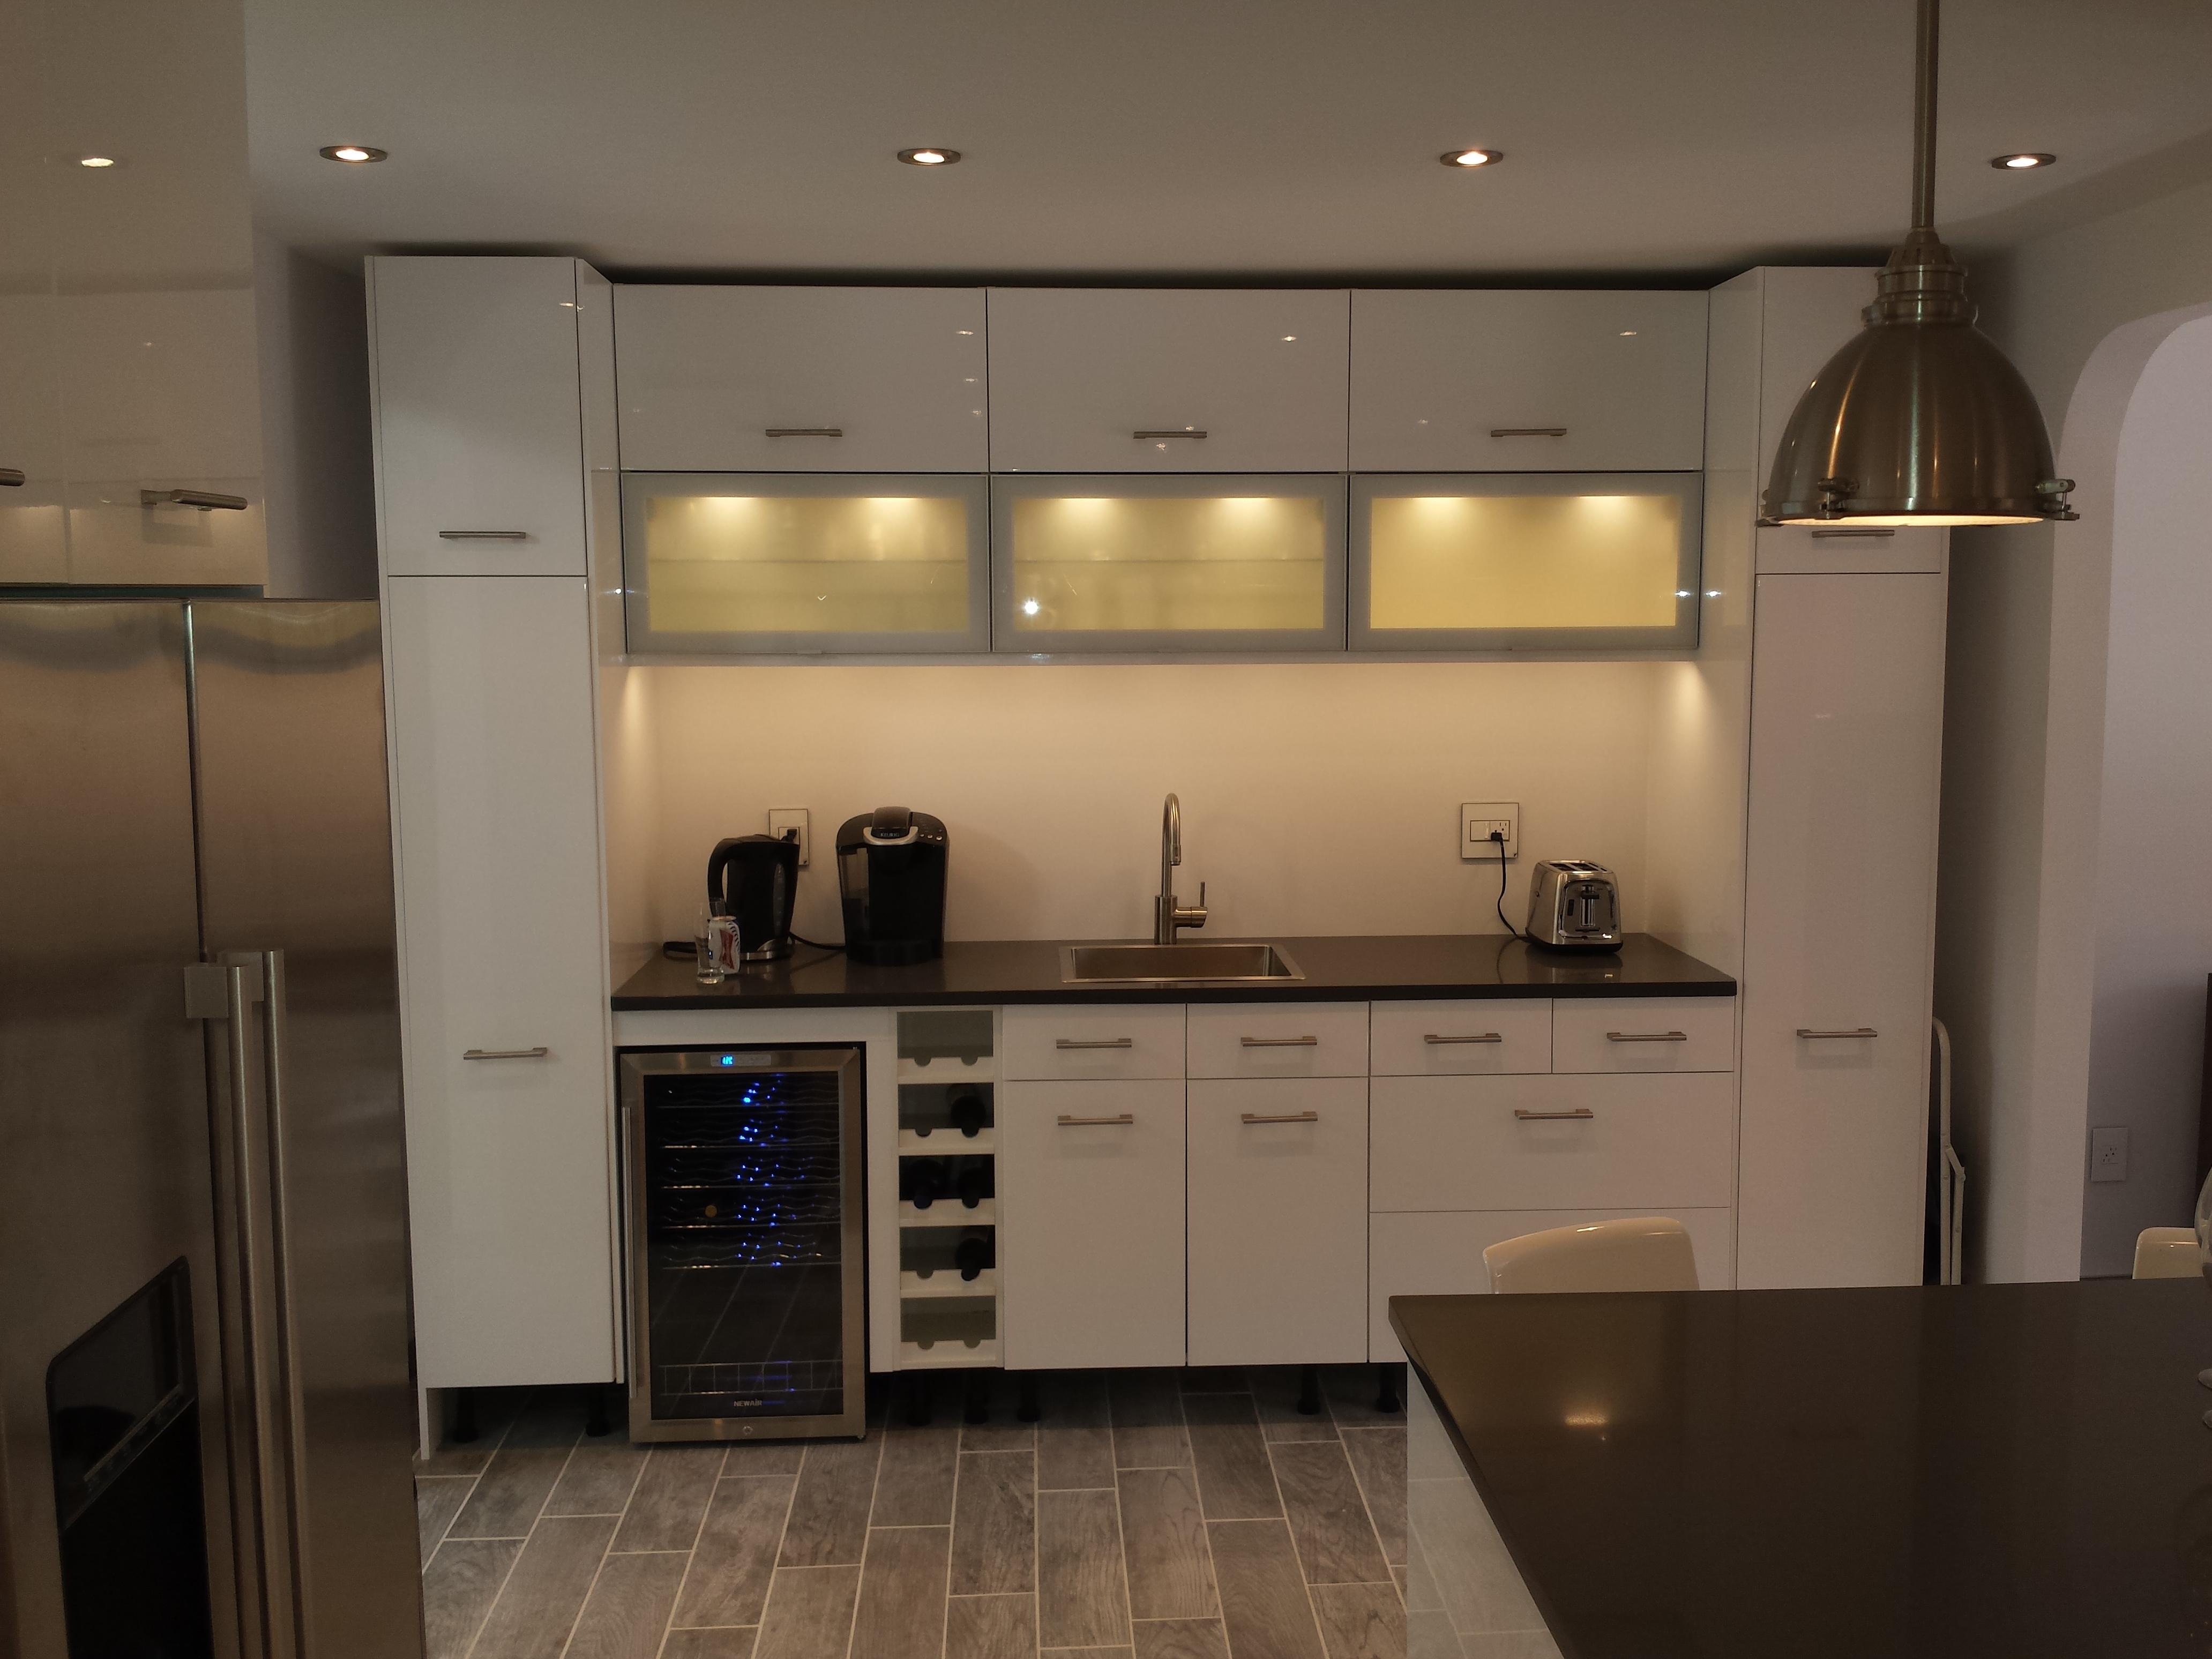 Servies keukenkast idee - Hoe dicht een open keuken ...